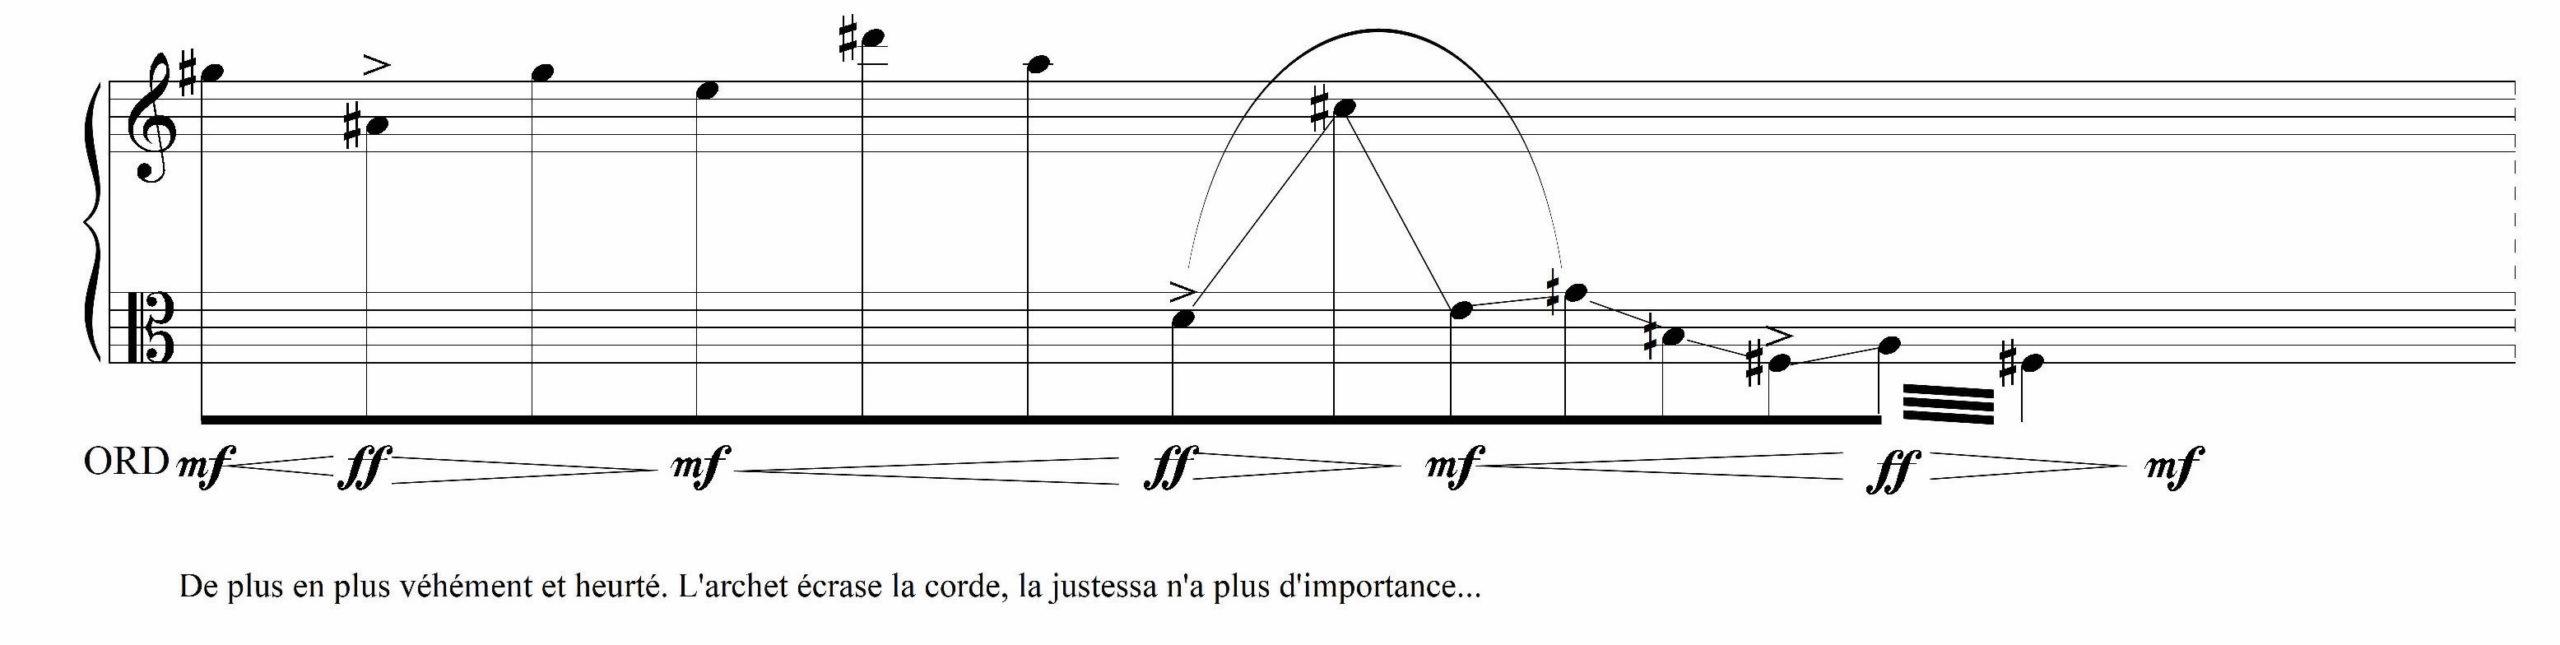 Jakubowski, Example 16a